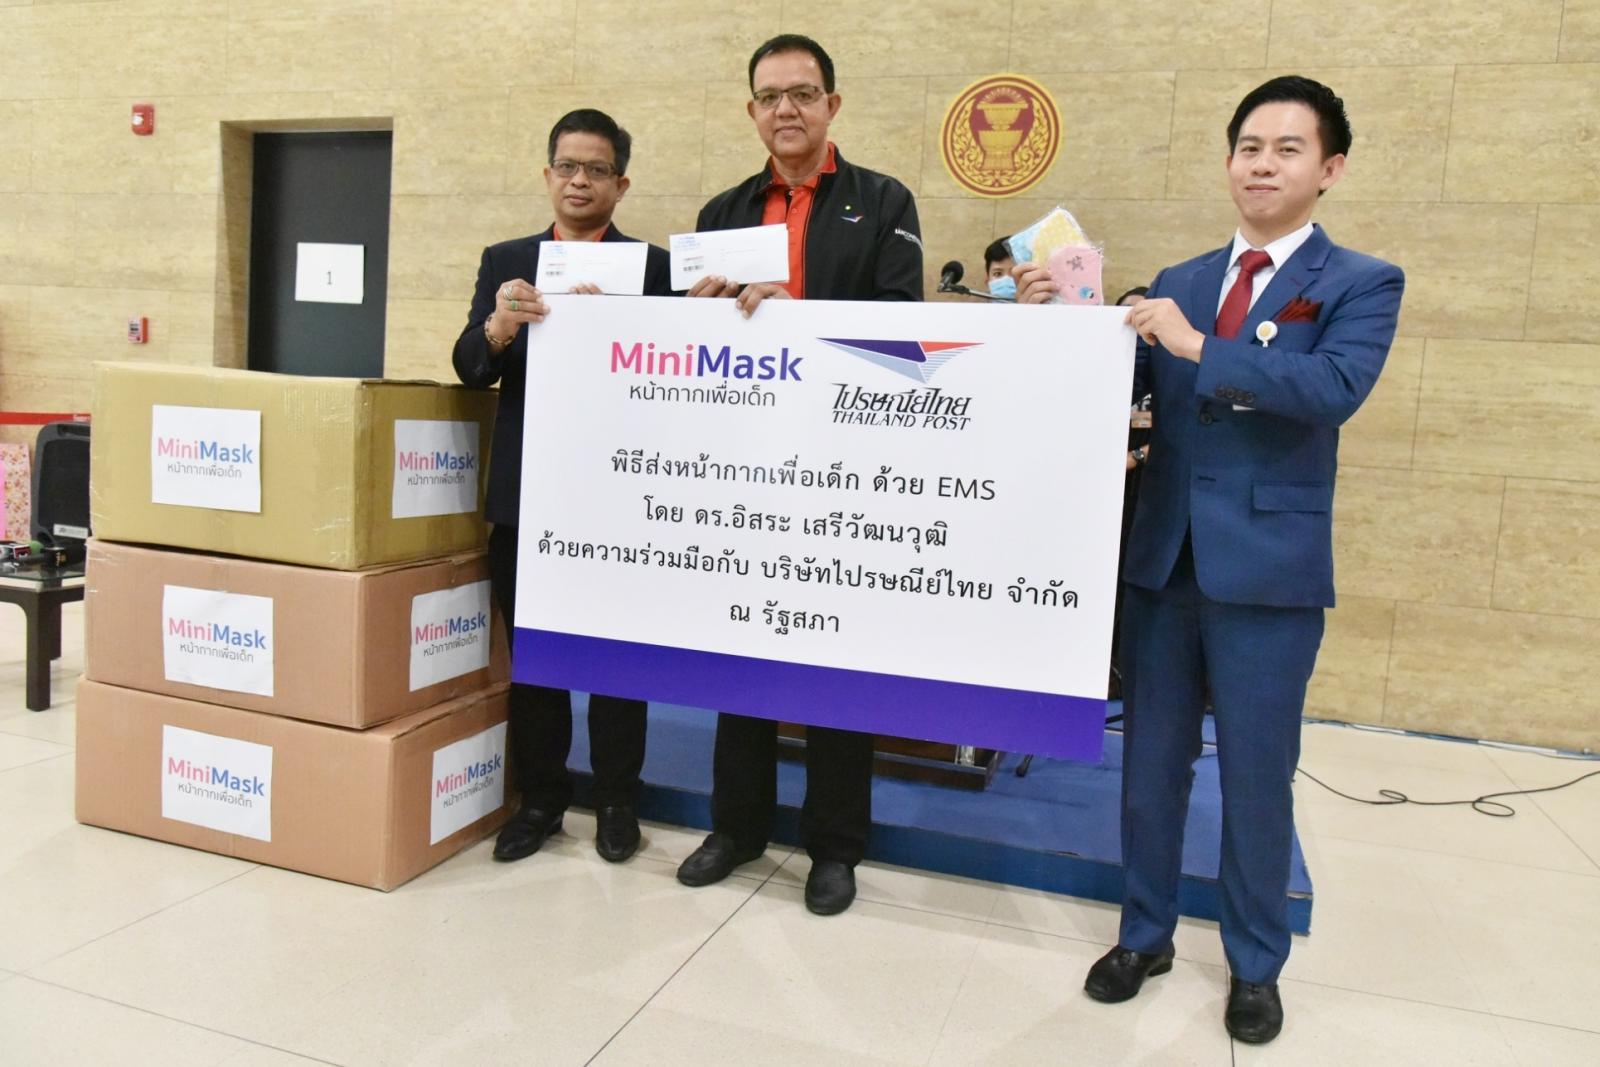 โครงการ MiniMask หน้ากากเพื่อเด็ก เริ่มส่งมอบหน้ากากอนามัยชุดแรก